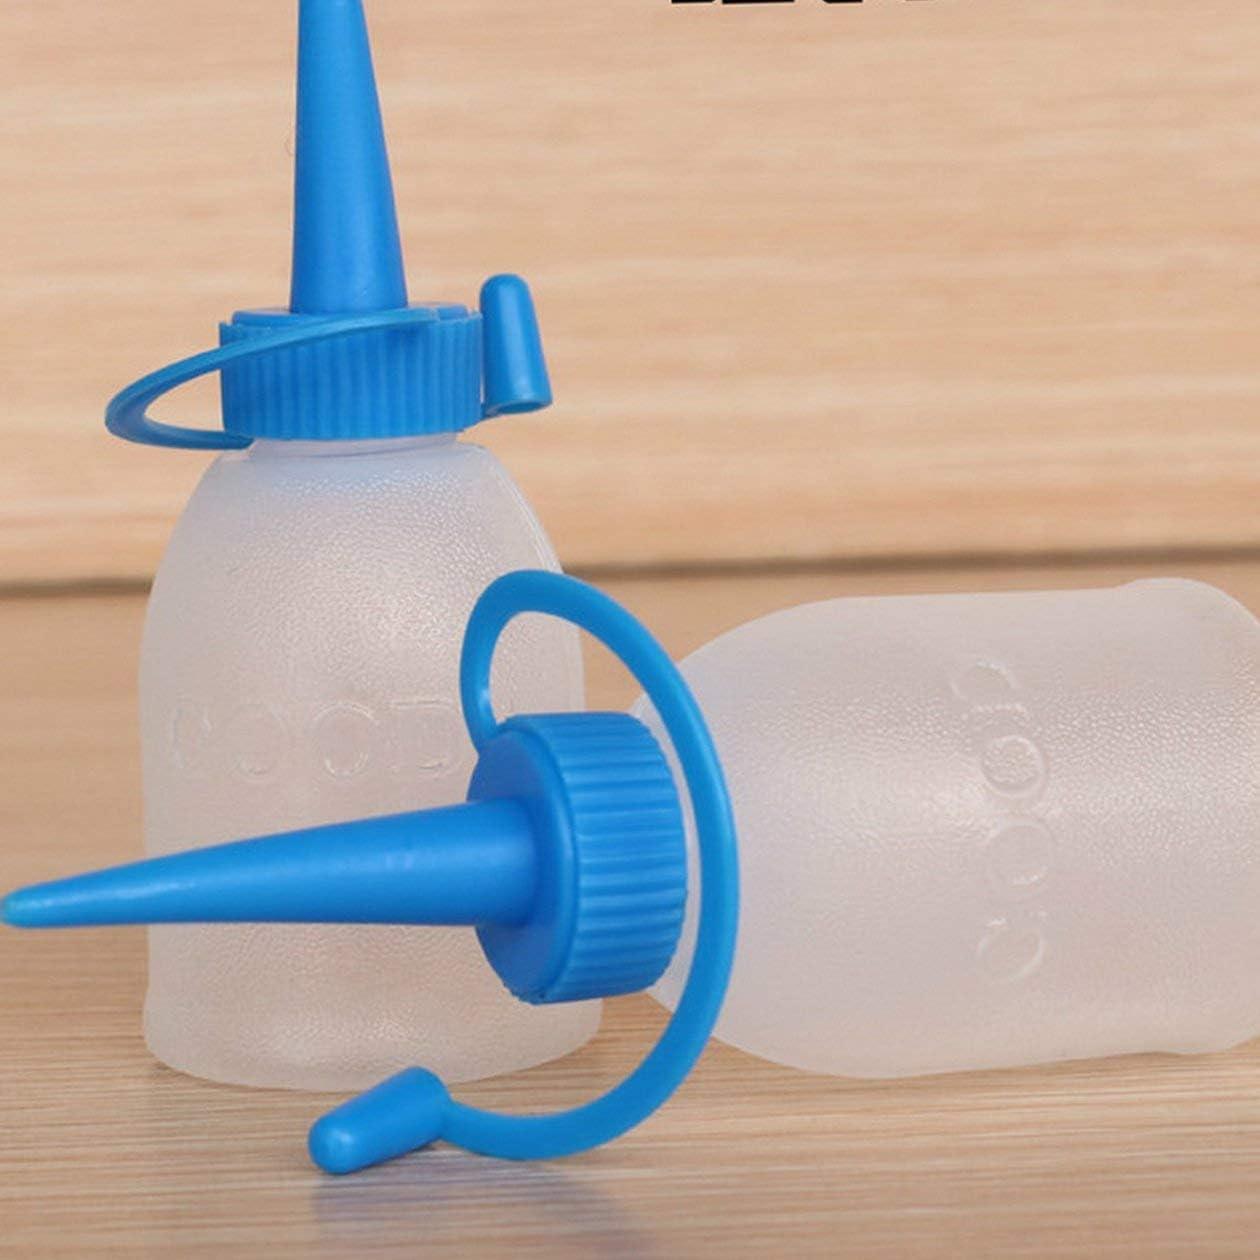 30ml Bouteille en plastique /épaissie Colle Pointe de bouteille dhuile Graisseur Bouteille deau pour applicateur de sortie dhuile Bouteille de pr/écision Bouteille de pr/écision couleur: blanc